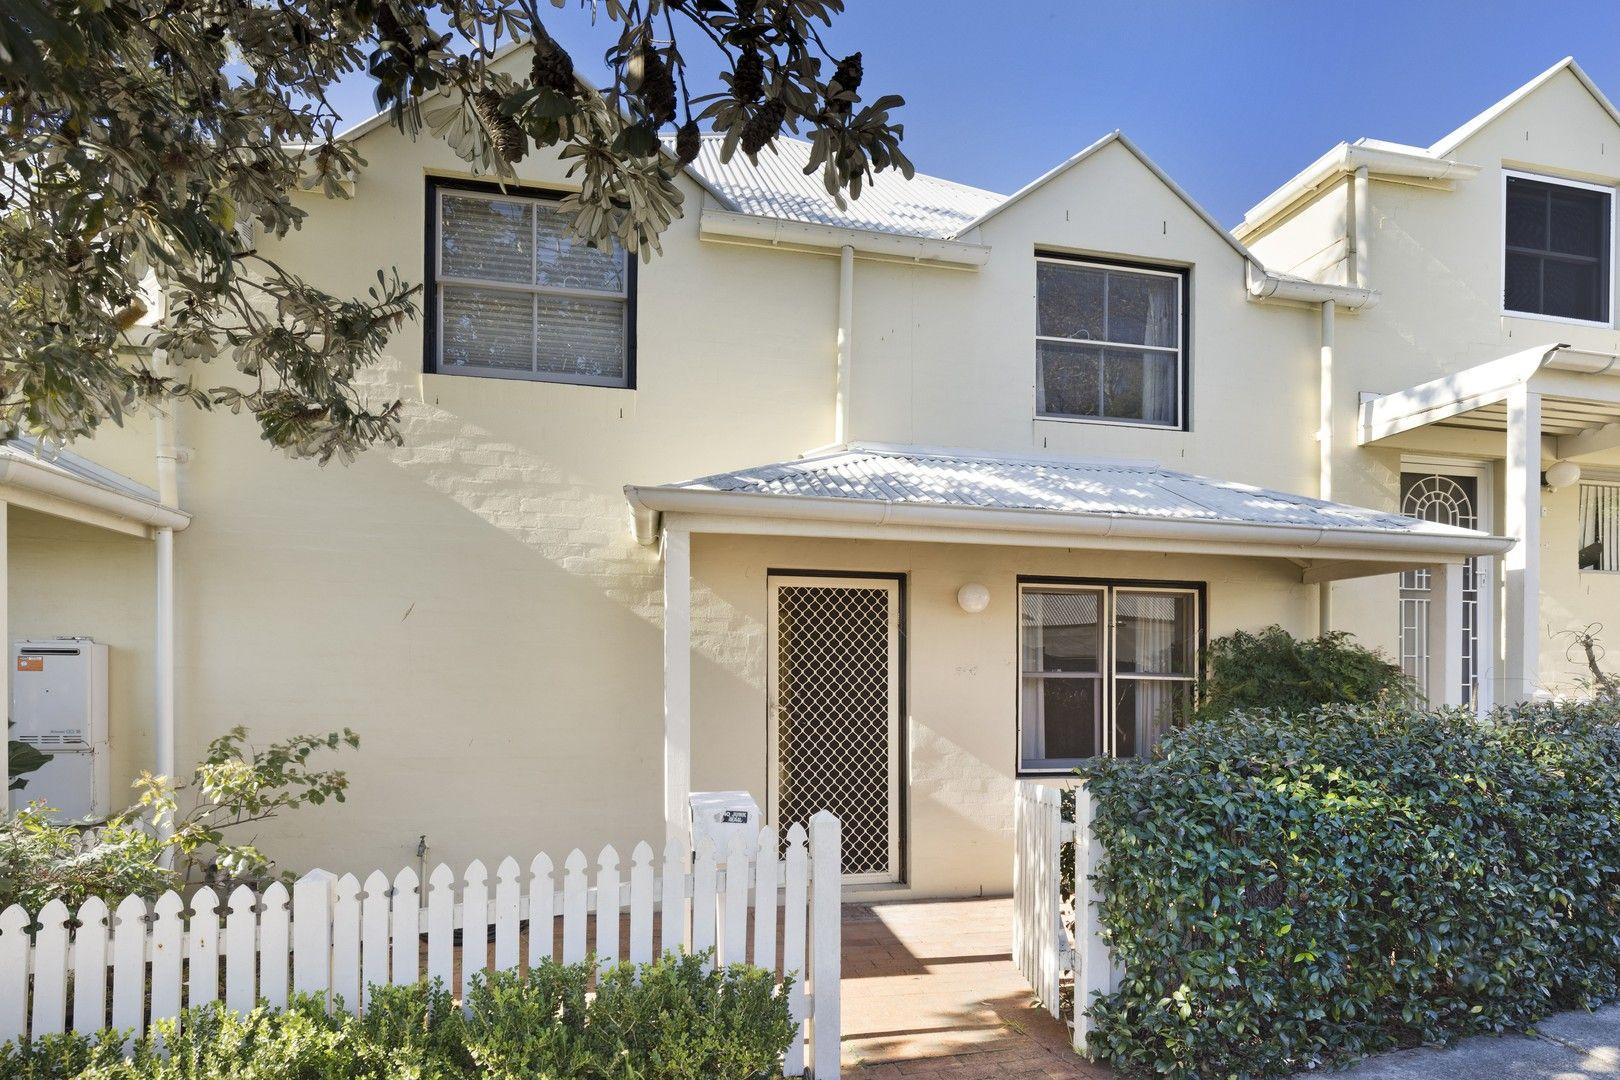 3/6 Ewenton Street, Balmain NSW 2041, Image 0